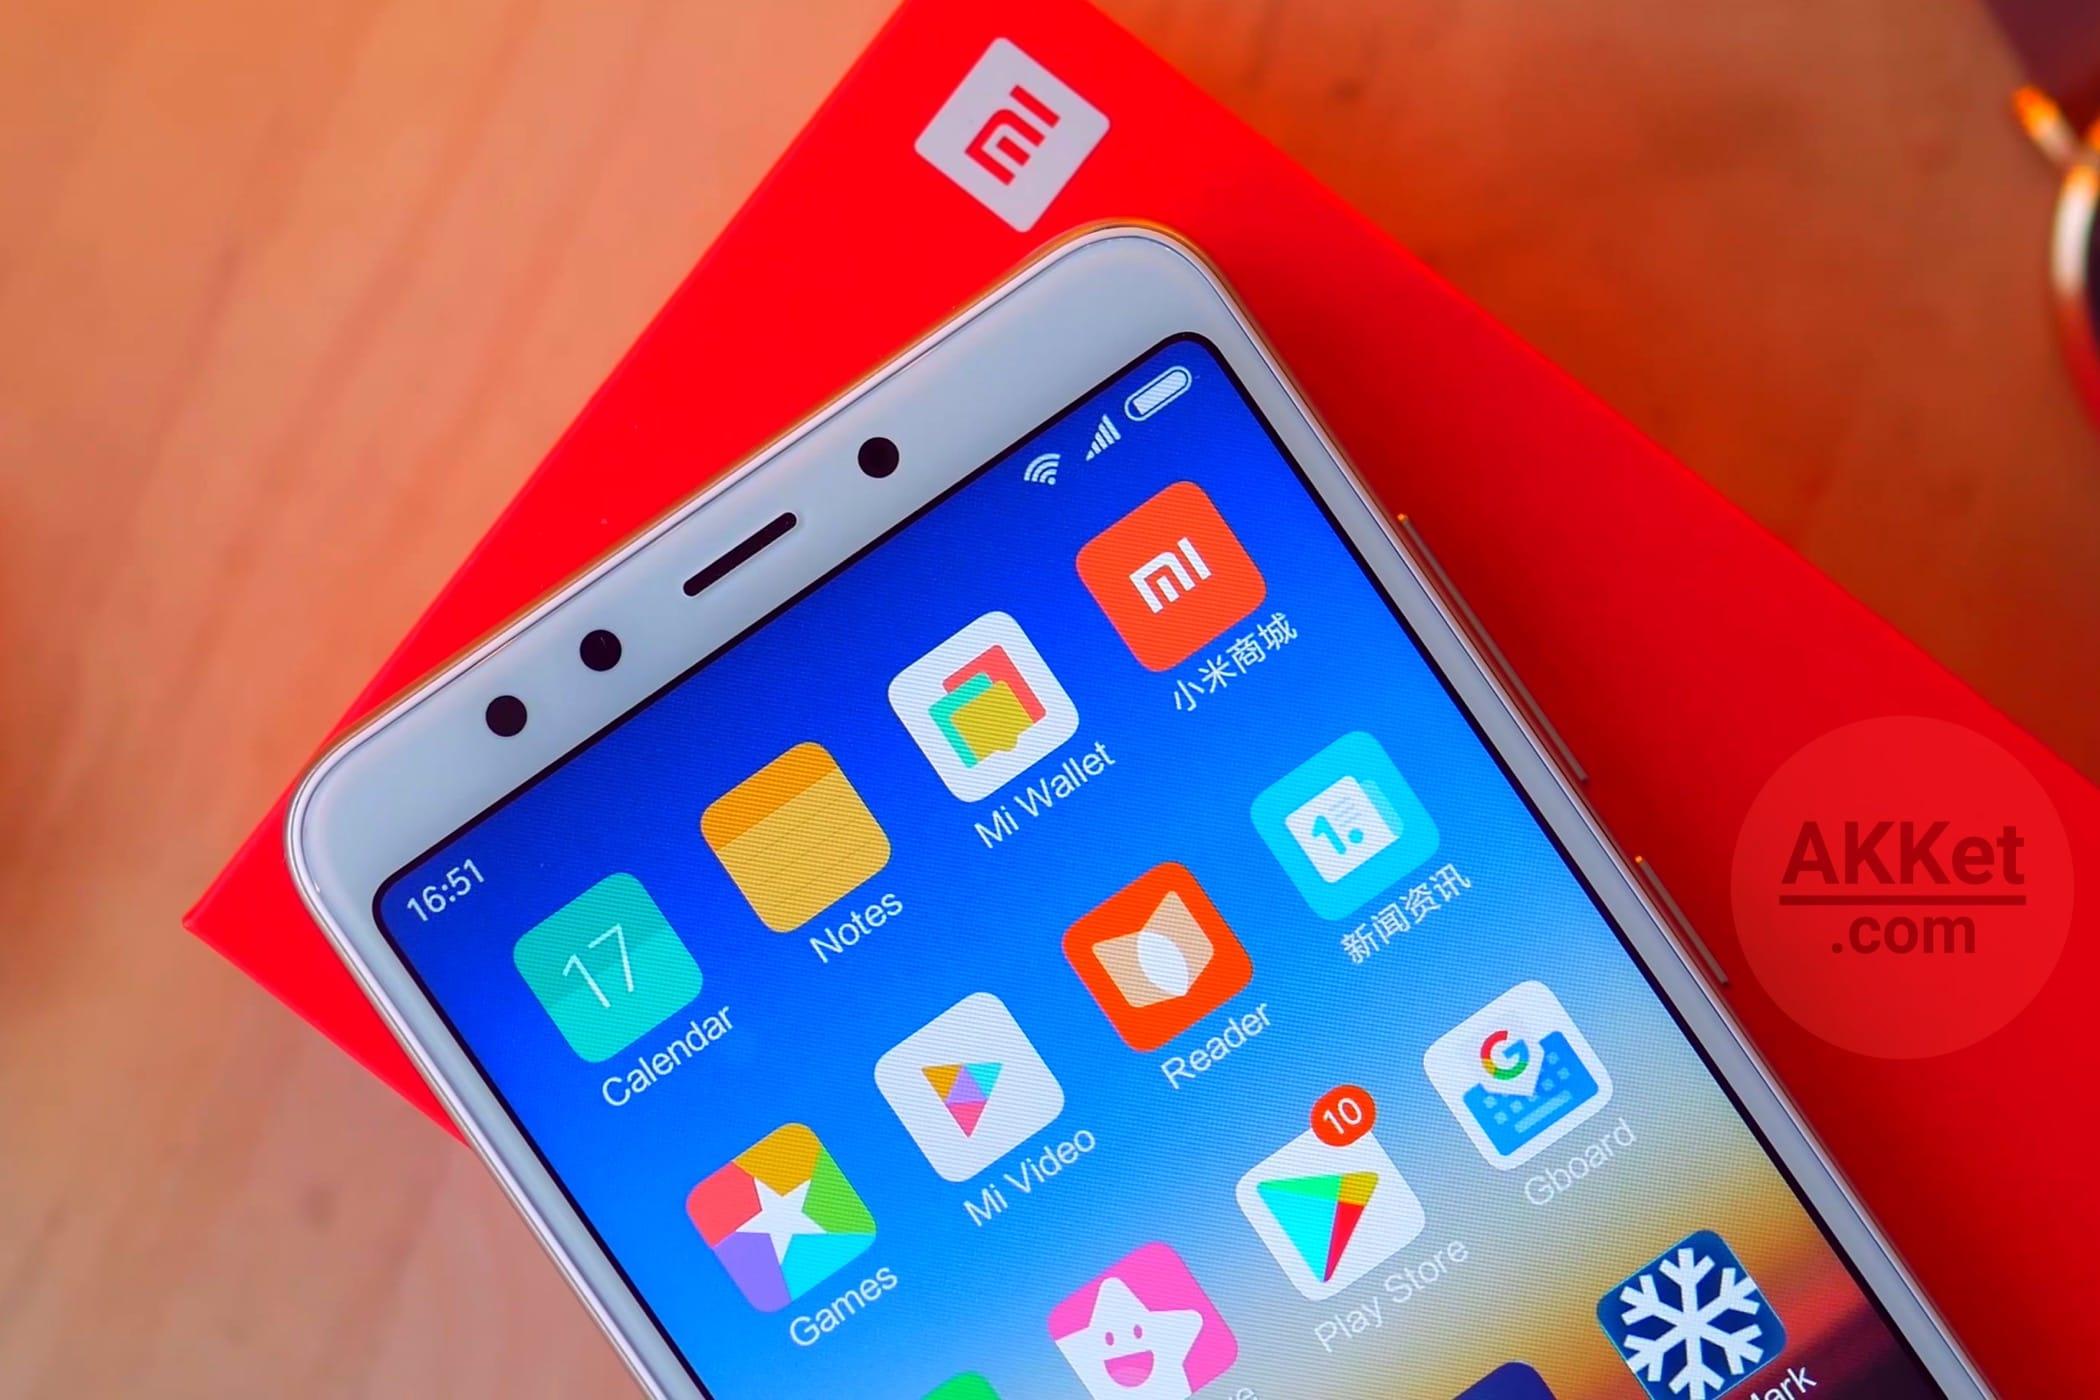 1-ый официальный снимок телефона Xiaomi MiMIX 2S появился вweb-сети